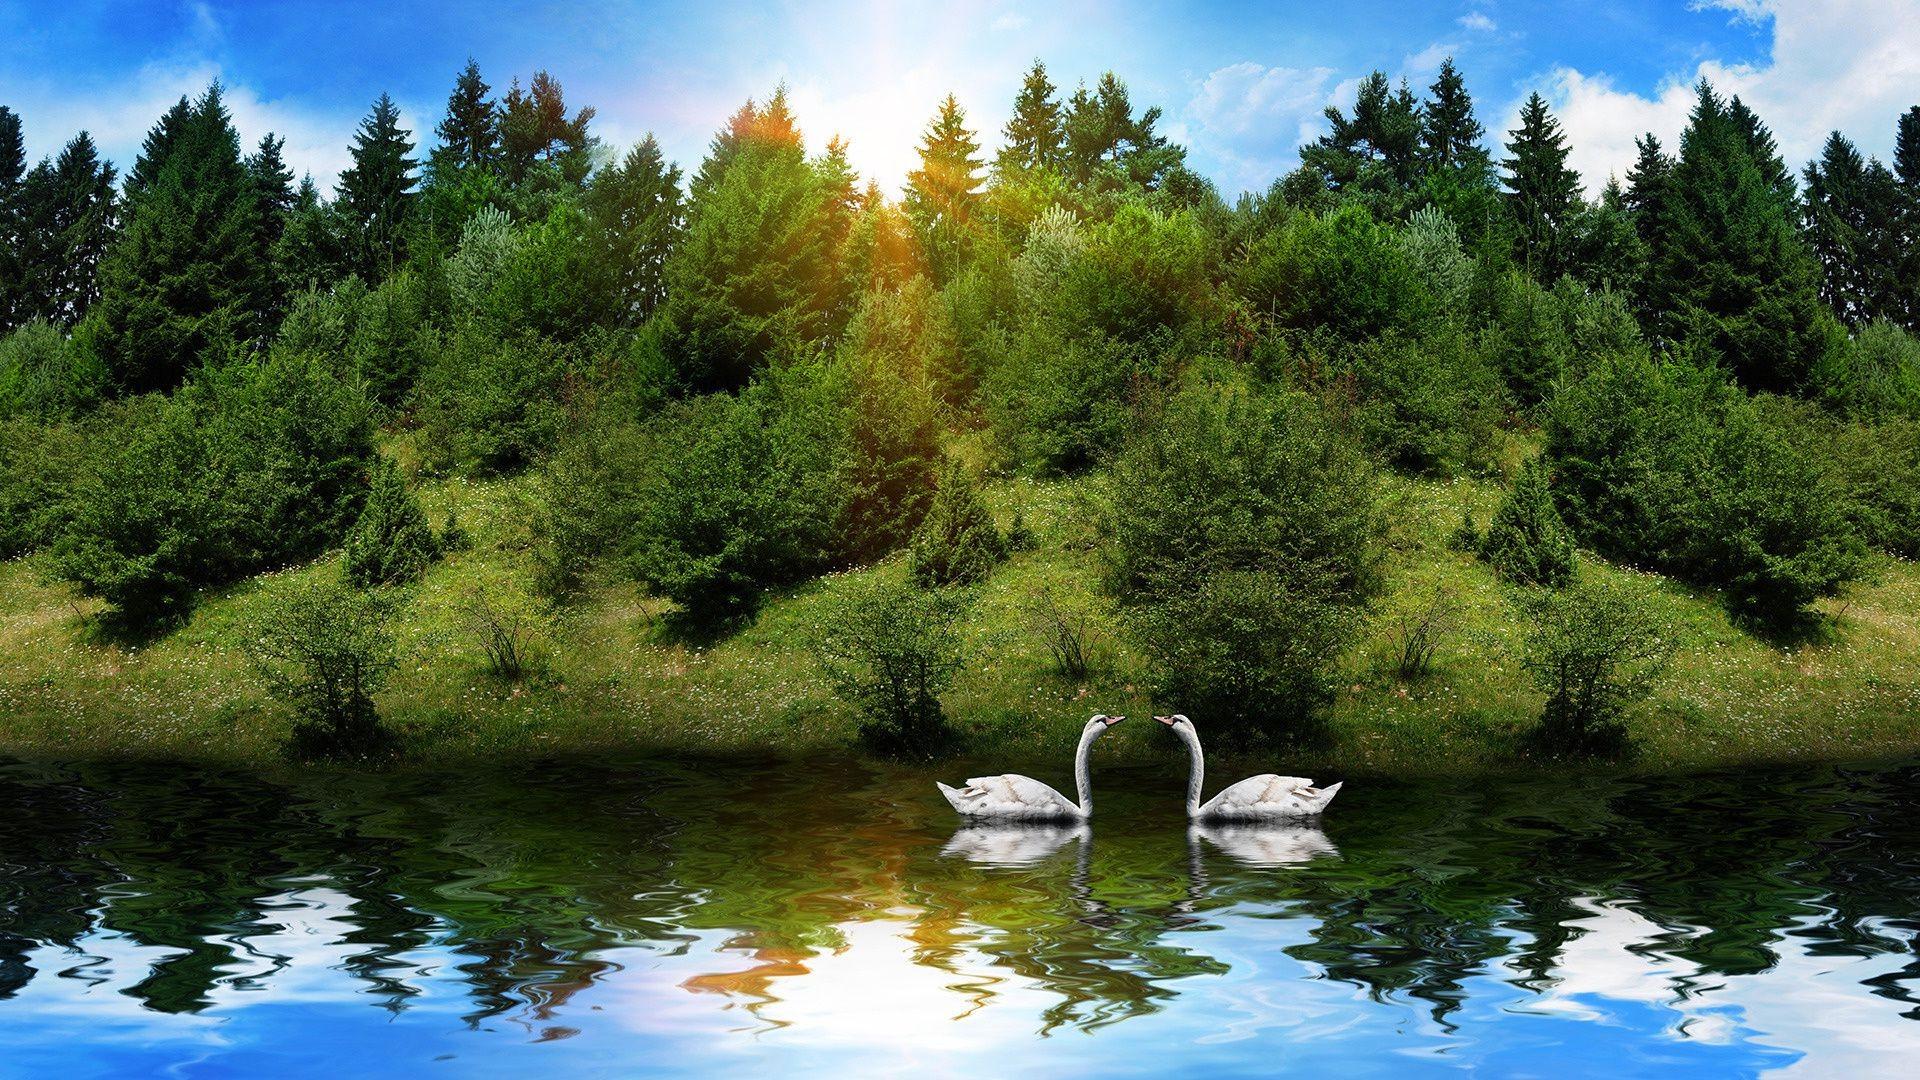 передается красивые картинки озеро лес справиться поставленной задачей